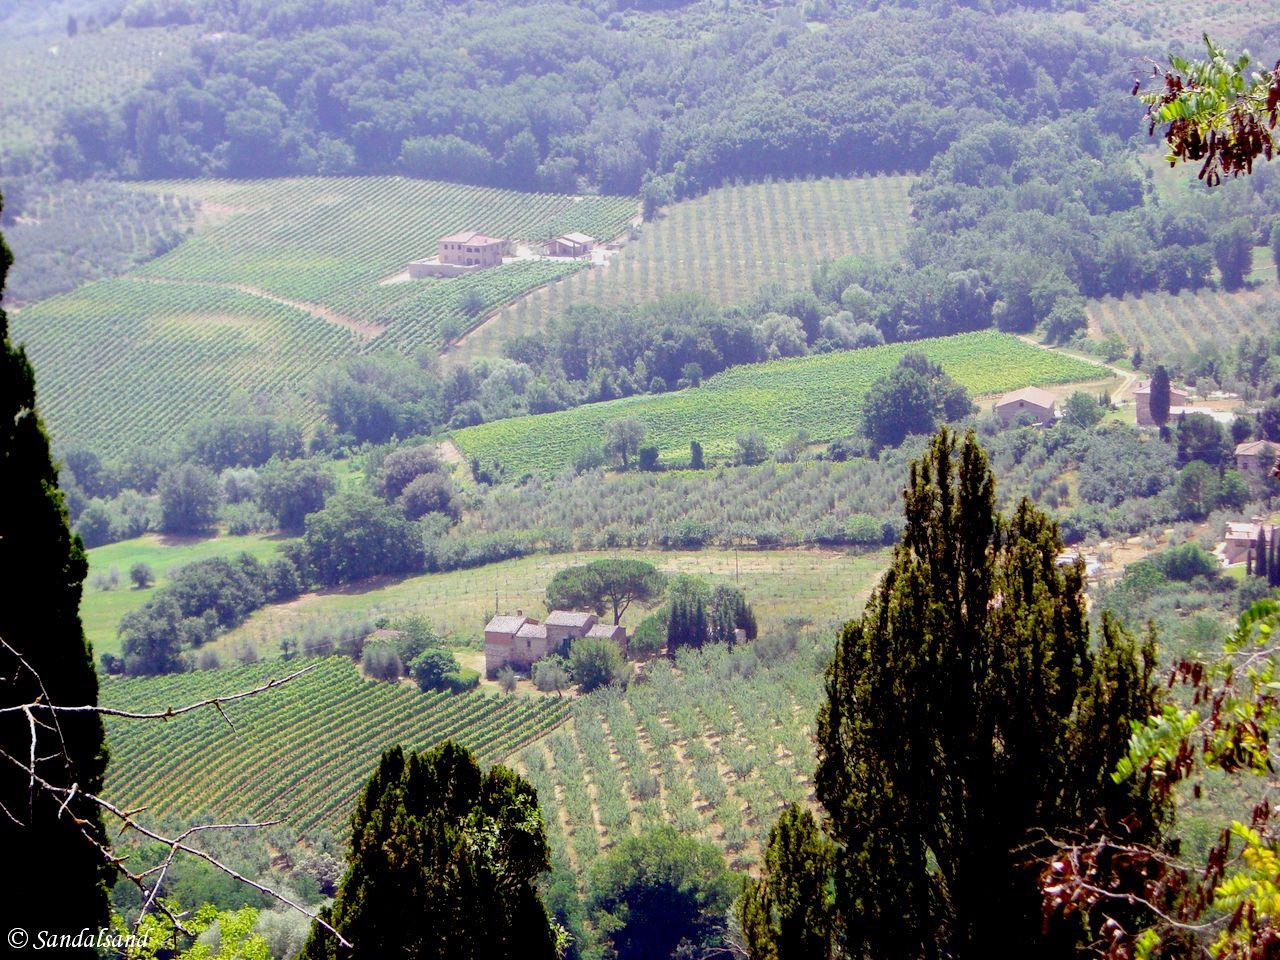 Italy - Toscana - Montepulciano